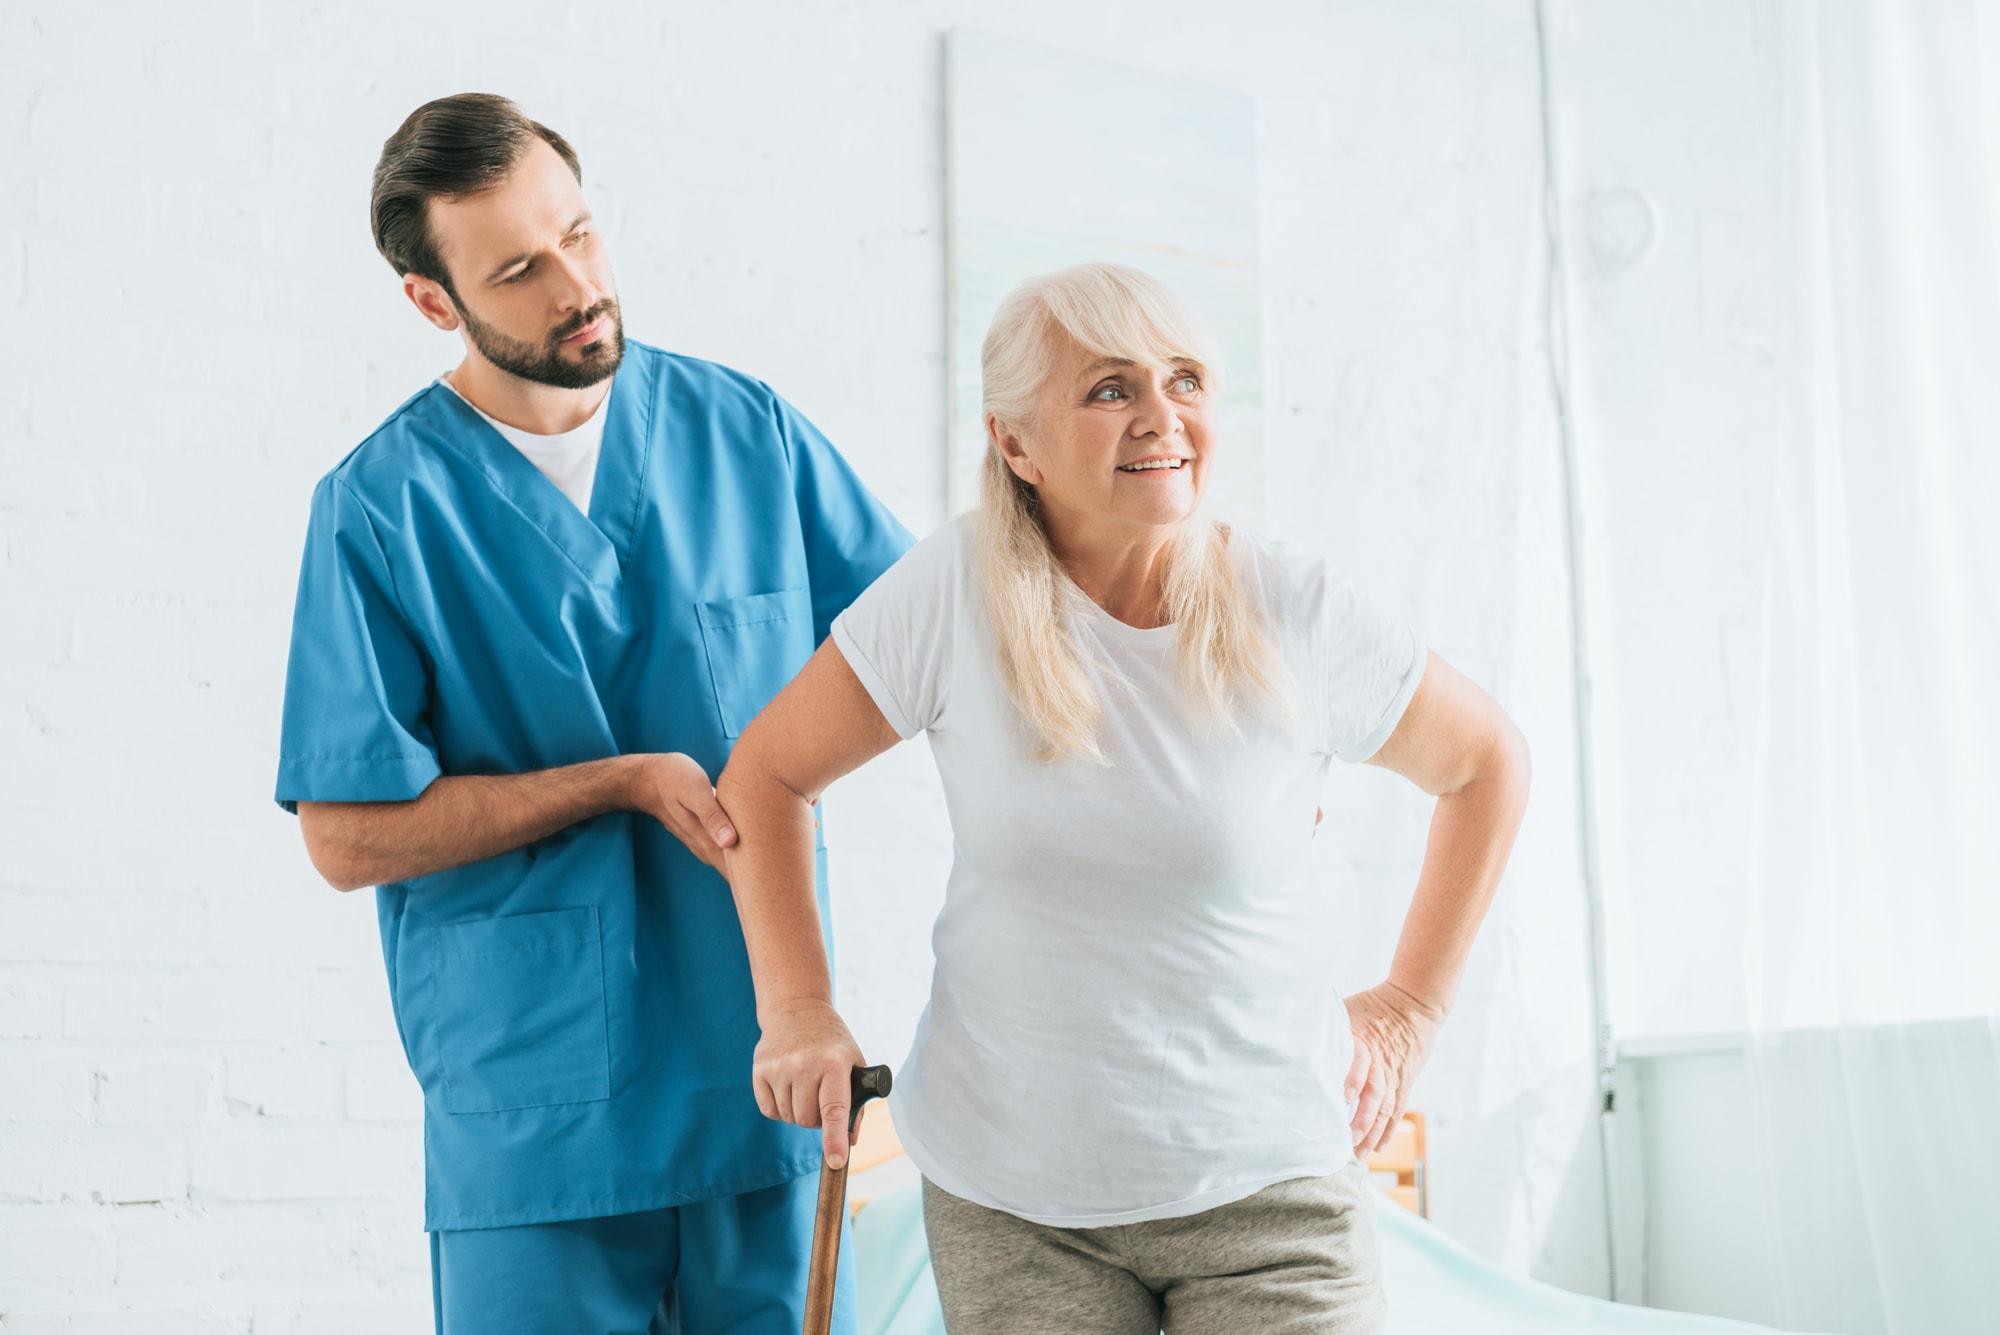 male nurse caring patient